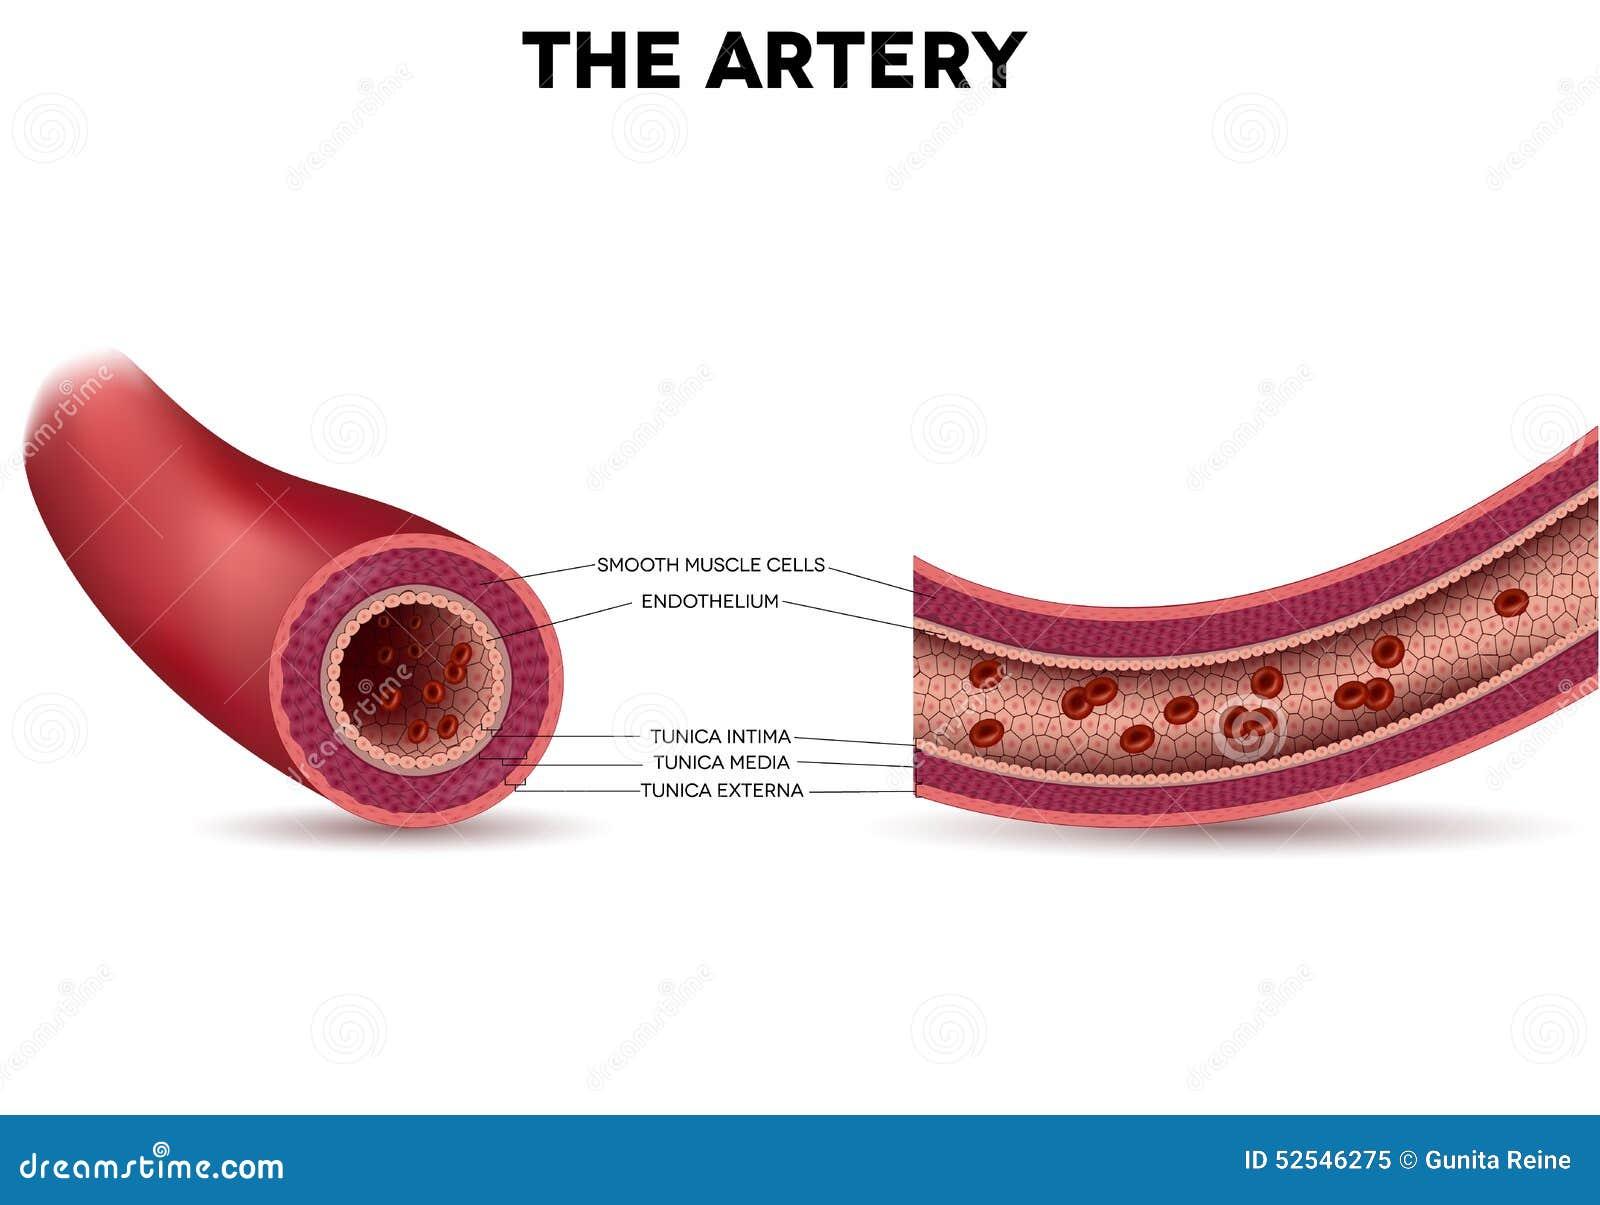 Increíble Anatomía De La Arteria Coronaria Composición - Imágenes de ...